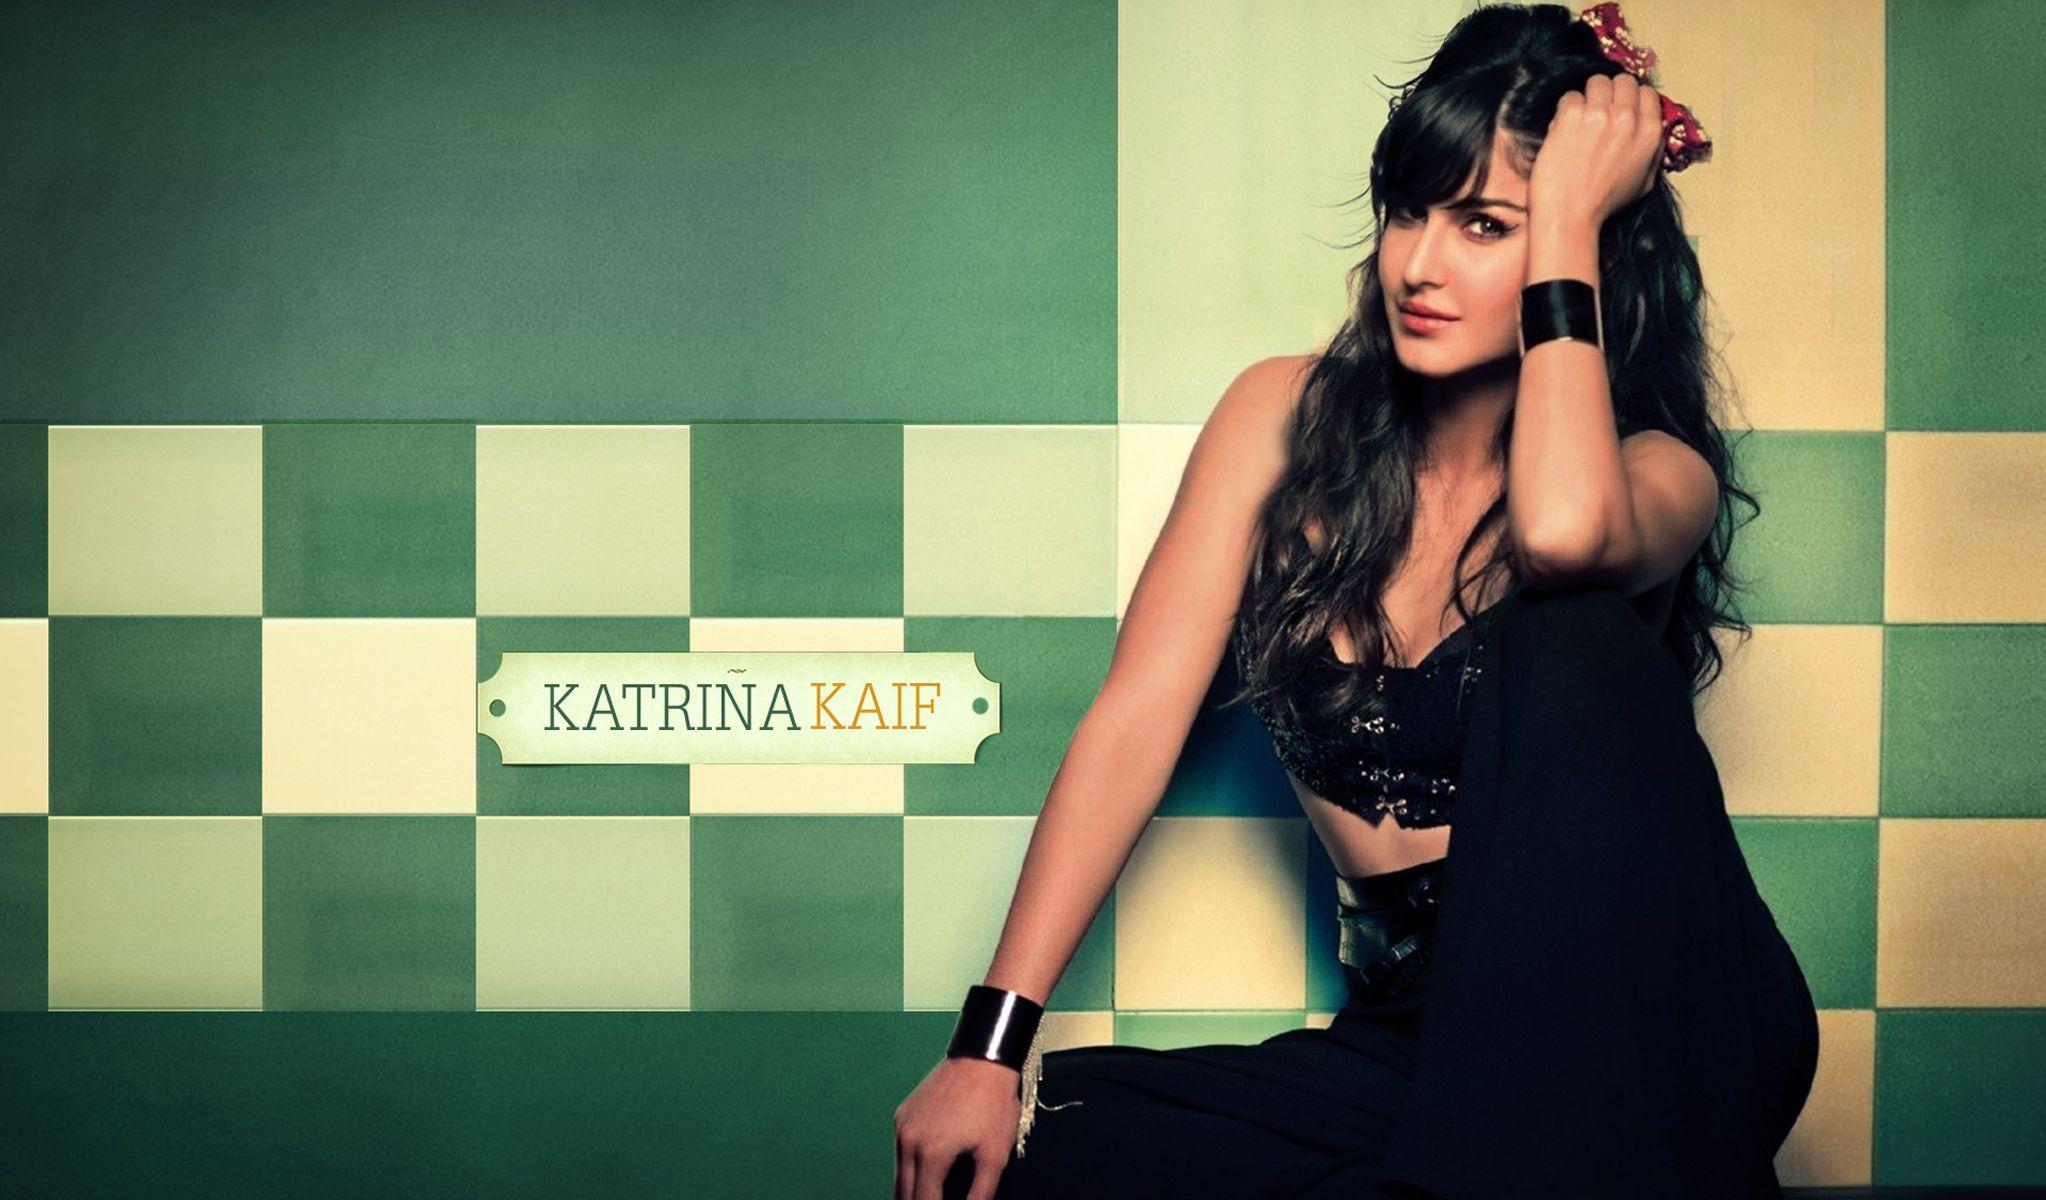 Katrina Kaif y HD Wallpaper Katrina Kaif new hd wallpapers photos